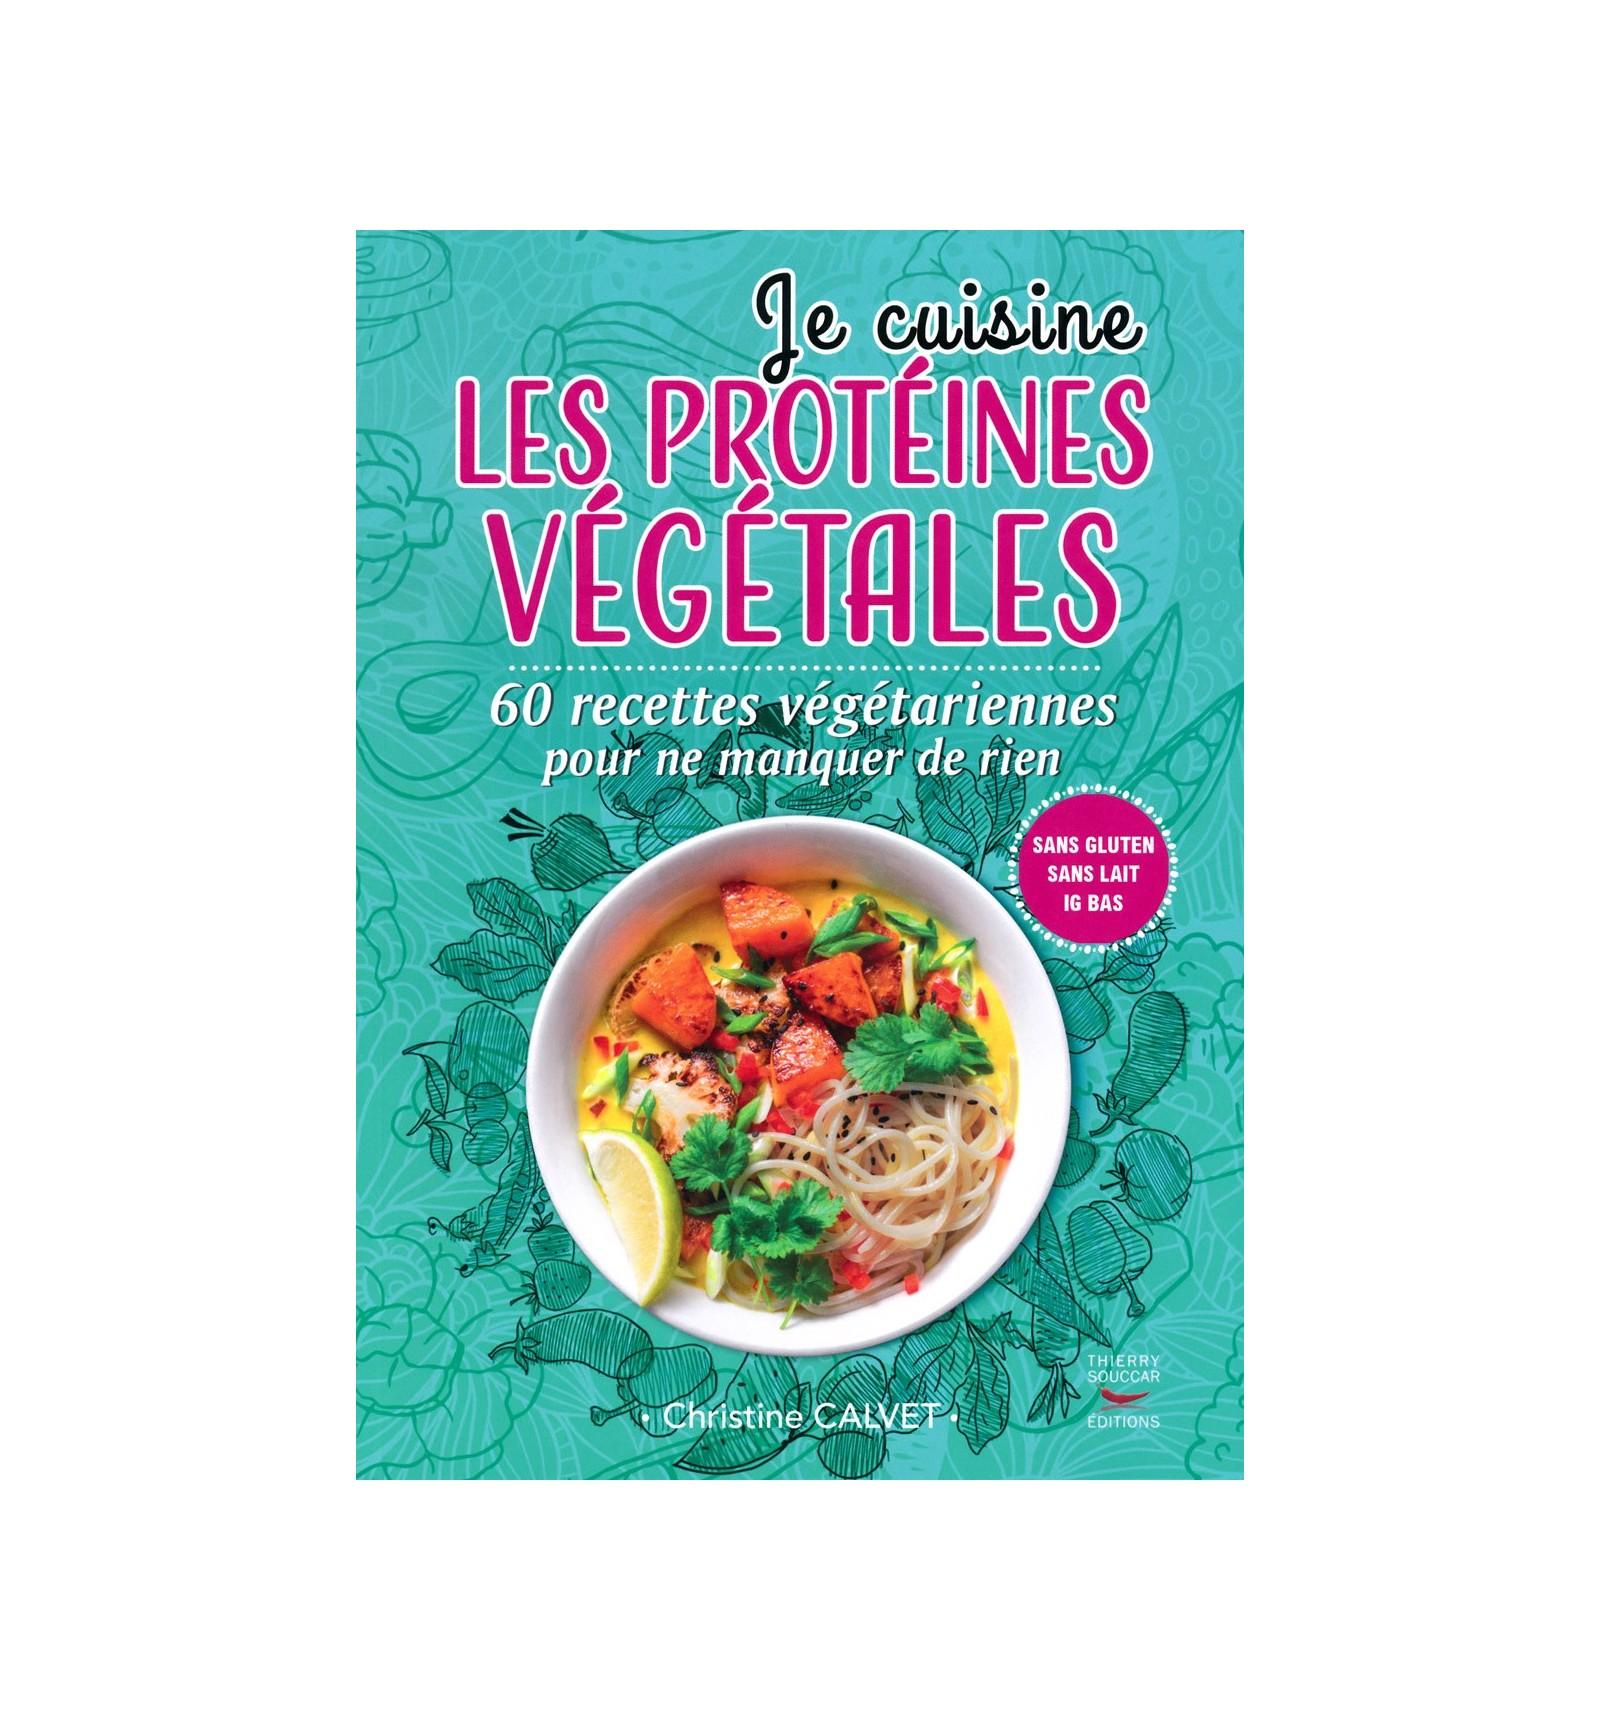 JE CUISINE LES PROTEINES VEGETALES Diffusion Rosicrucienne - Je cuisine sans gluten